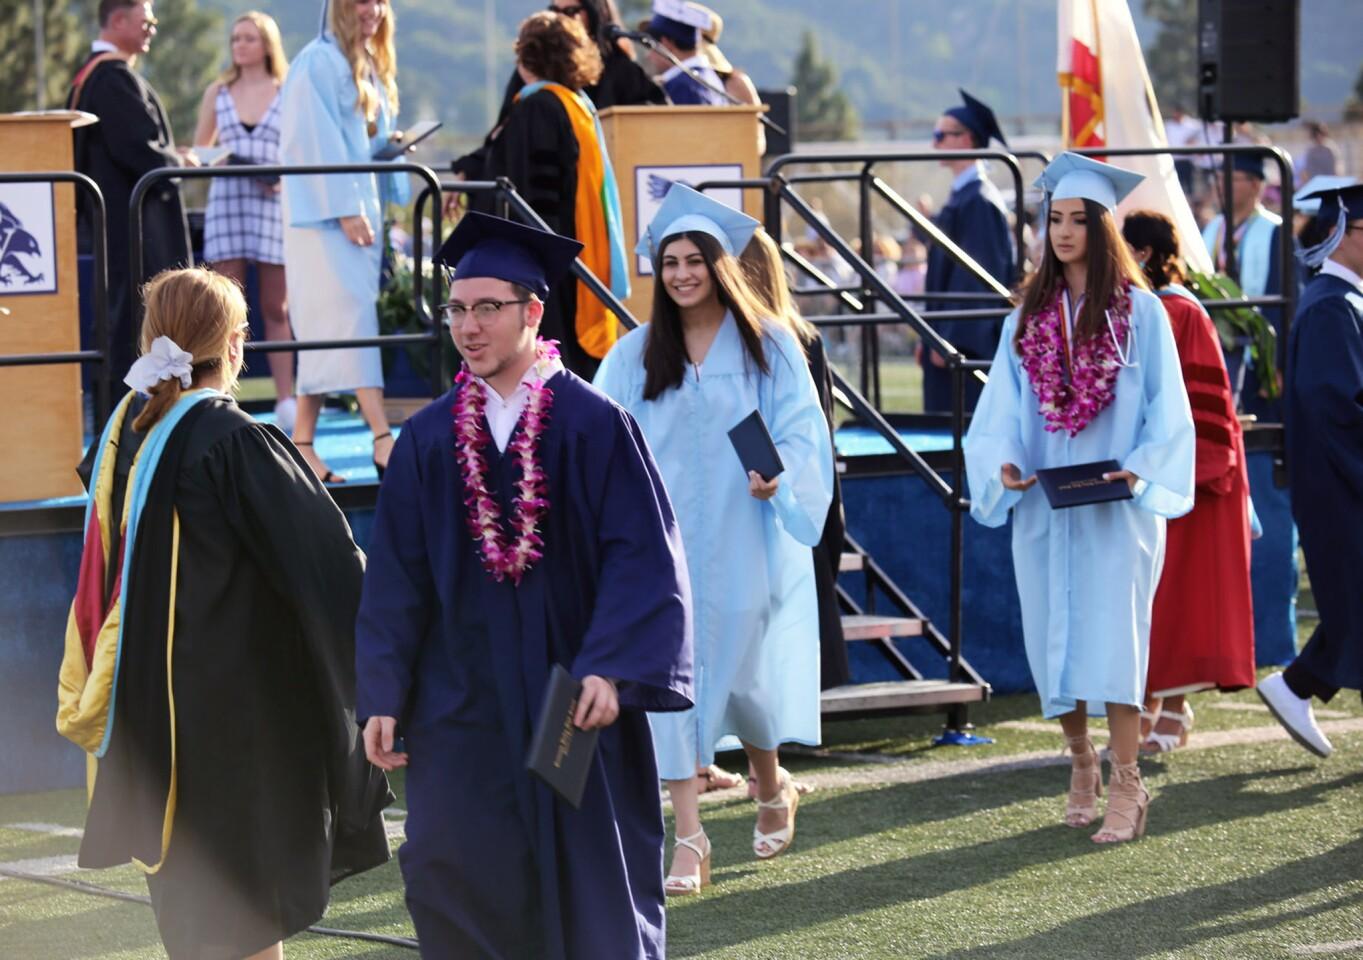 Photo Gallery: Crescenta Valley High School graduation 2019